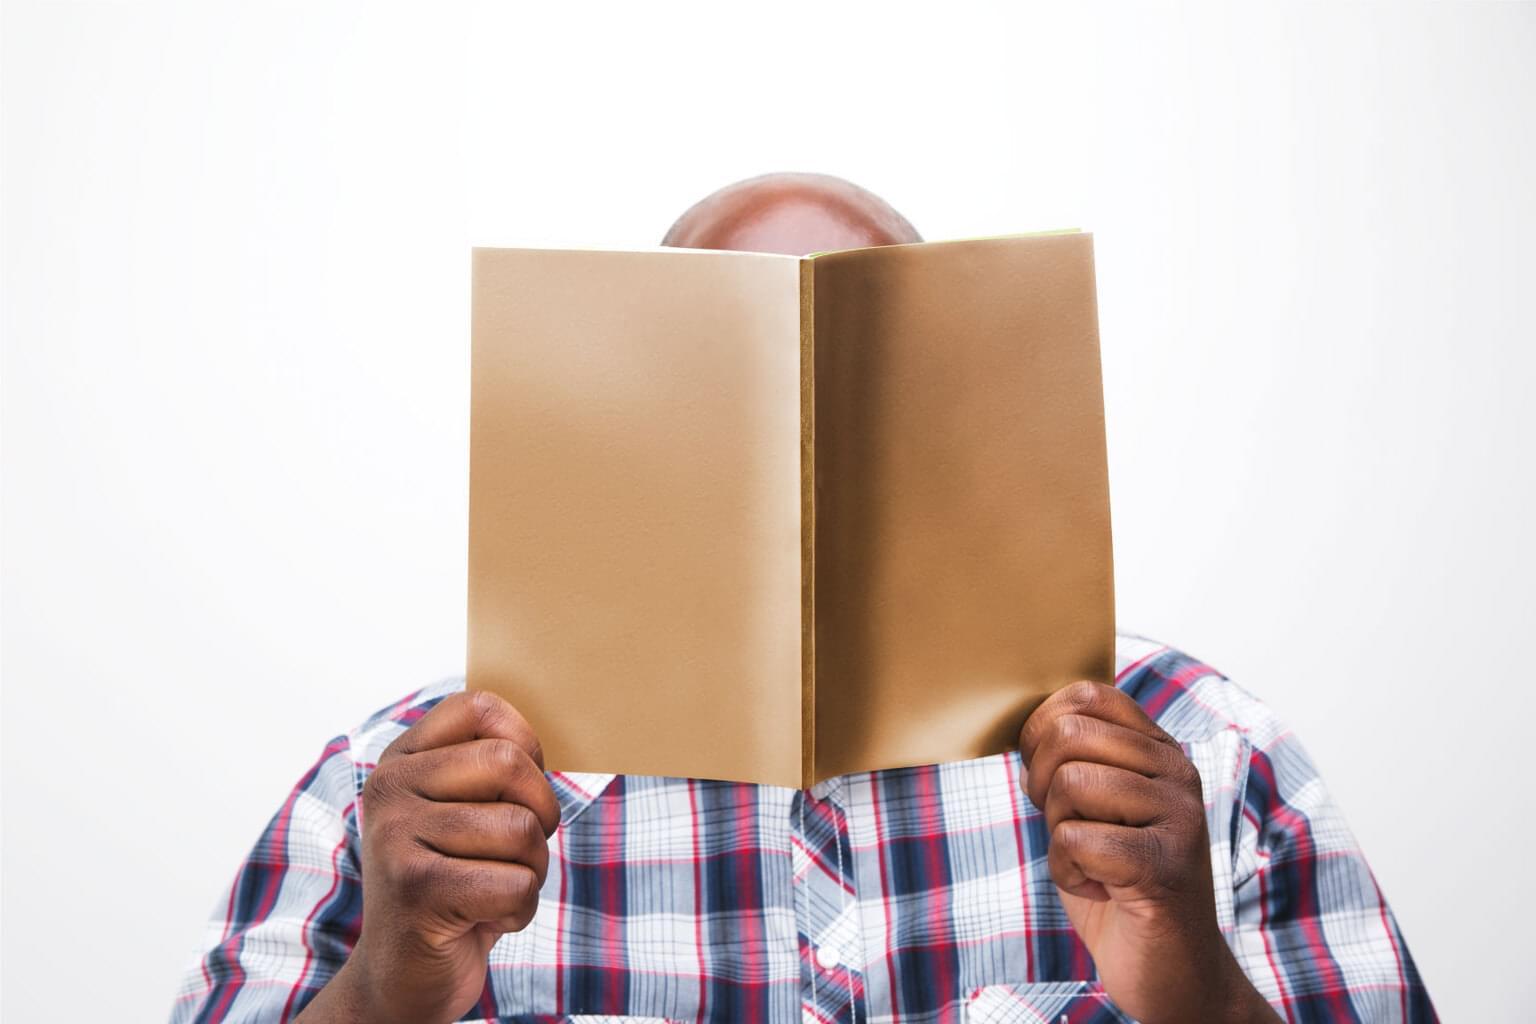 Livro sobre atendimento ao cliente